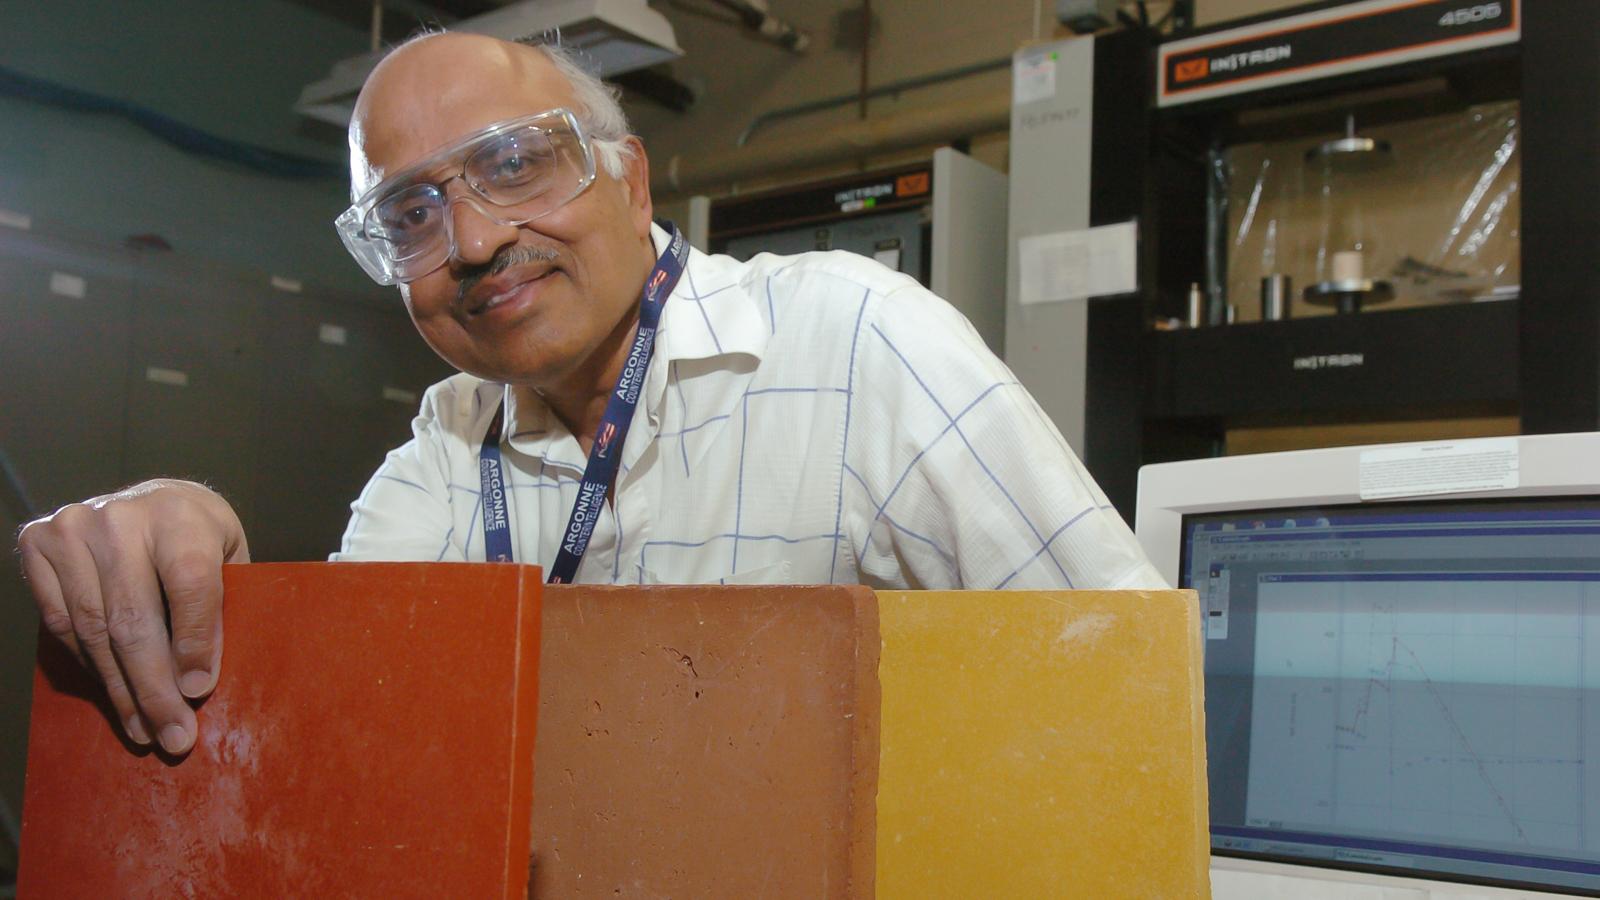 Arun Wagh